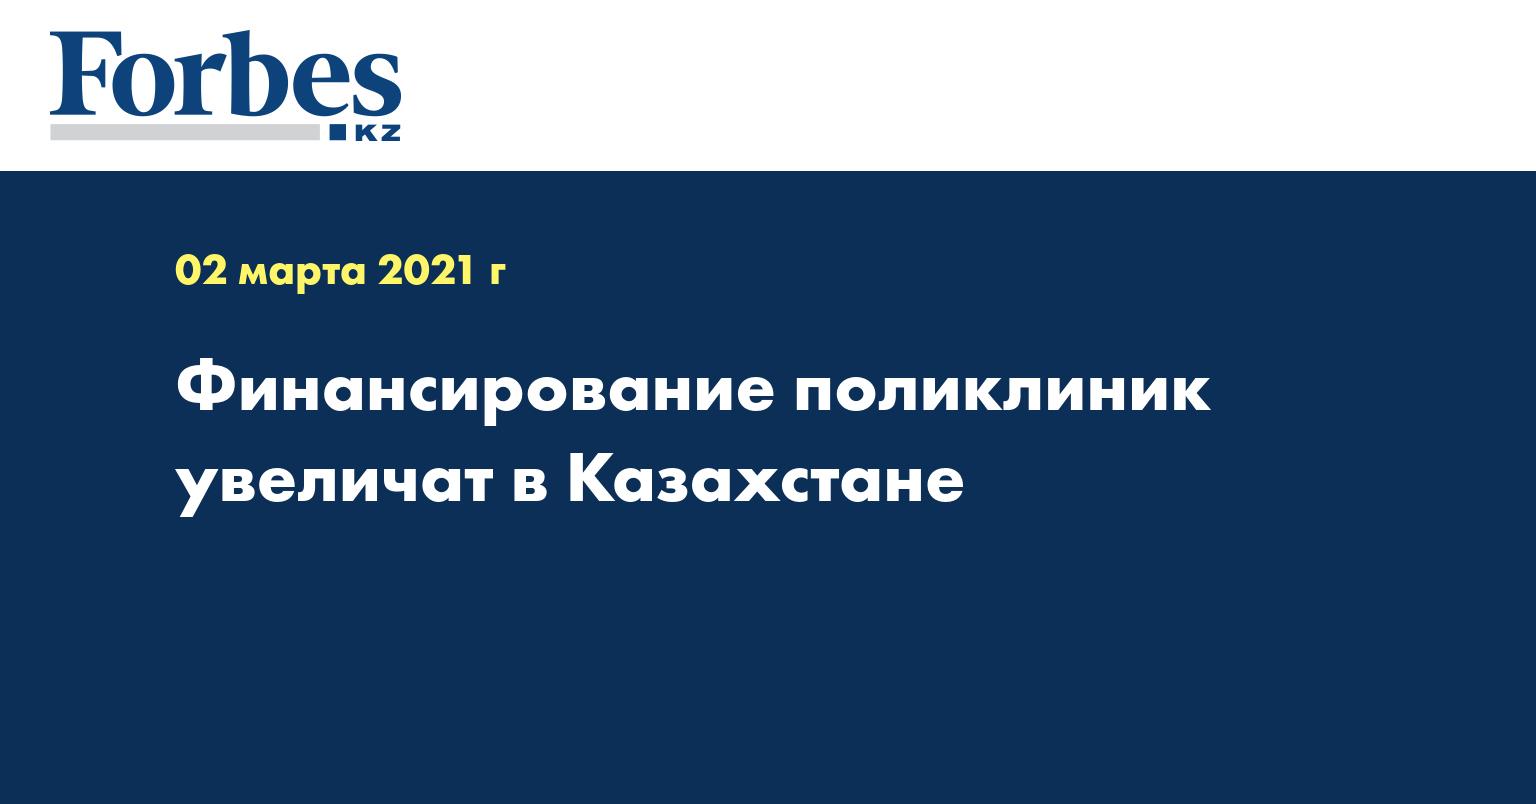 Финансирование поликлиник увеличат в Казахстане